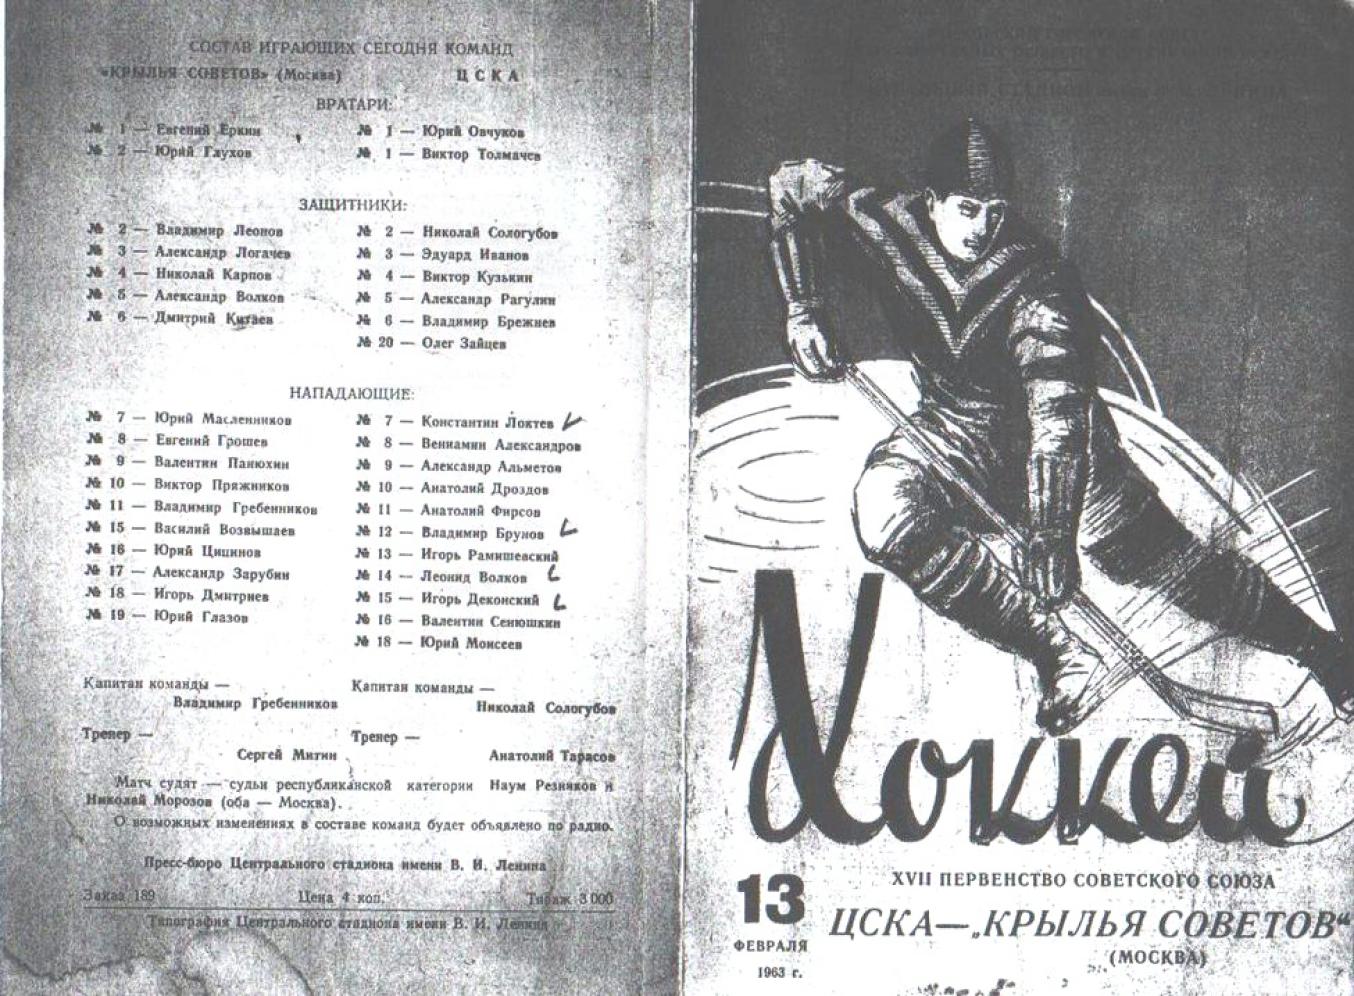 1963.02.13. ЦСКА - Крылья Советов (Чм. СССР)_01.png